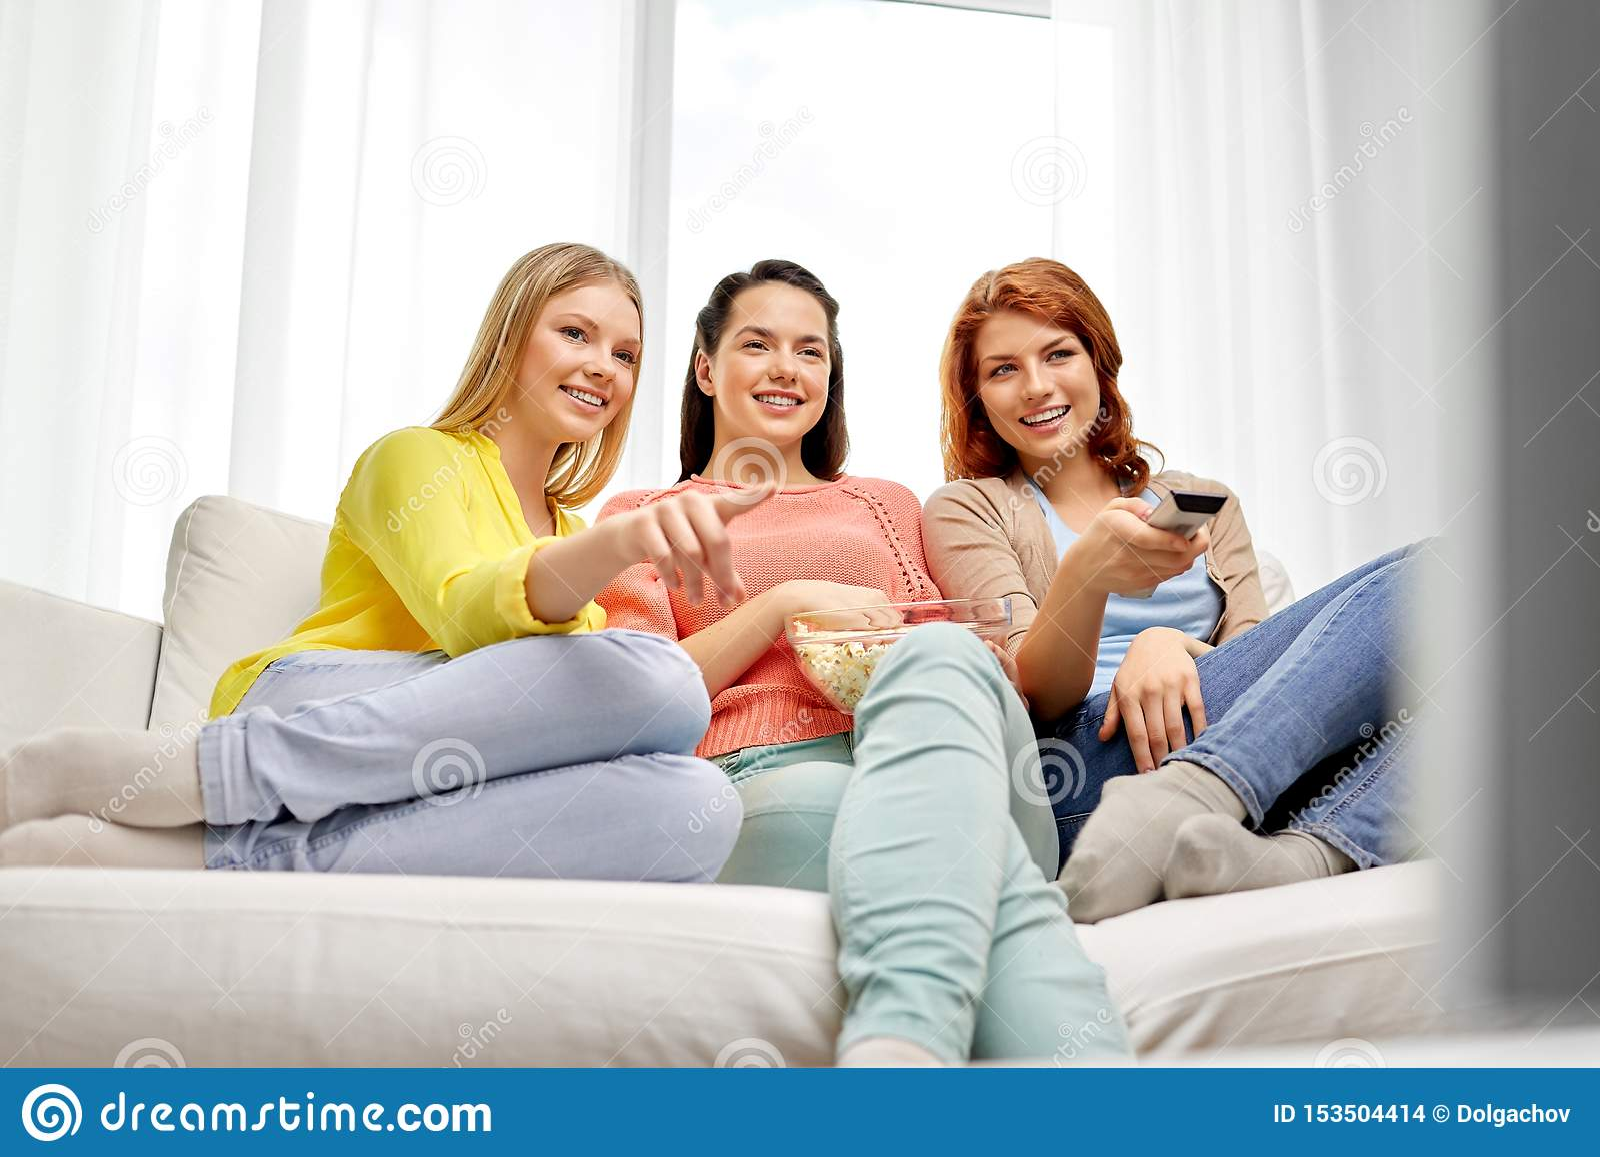 十几岁的女孩或朋友看着电视在家